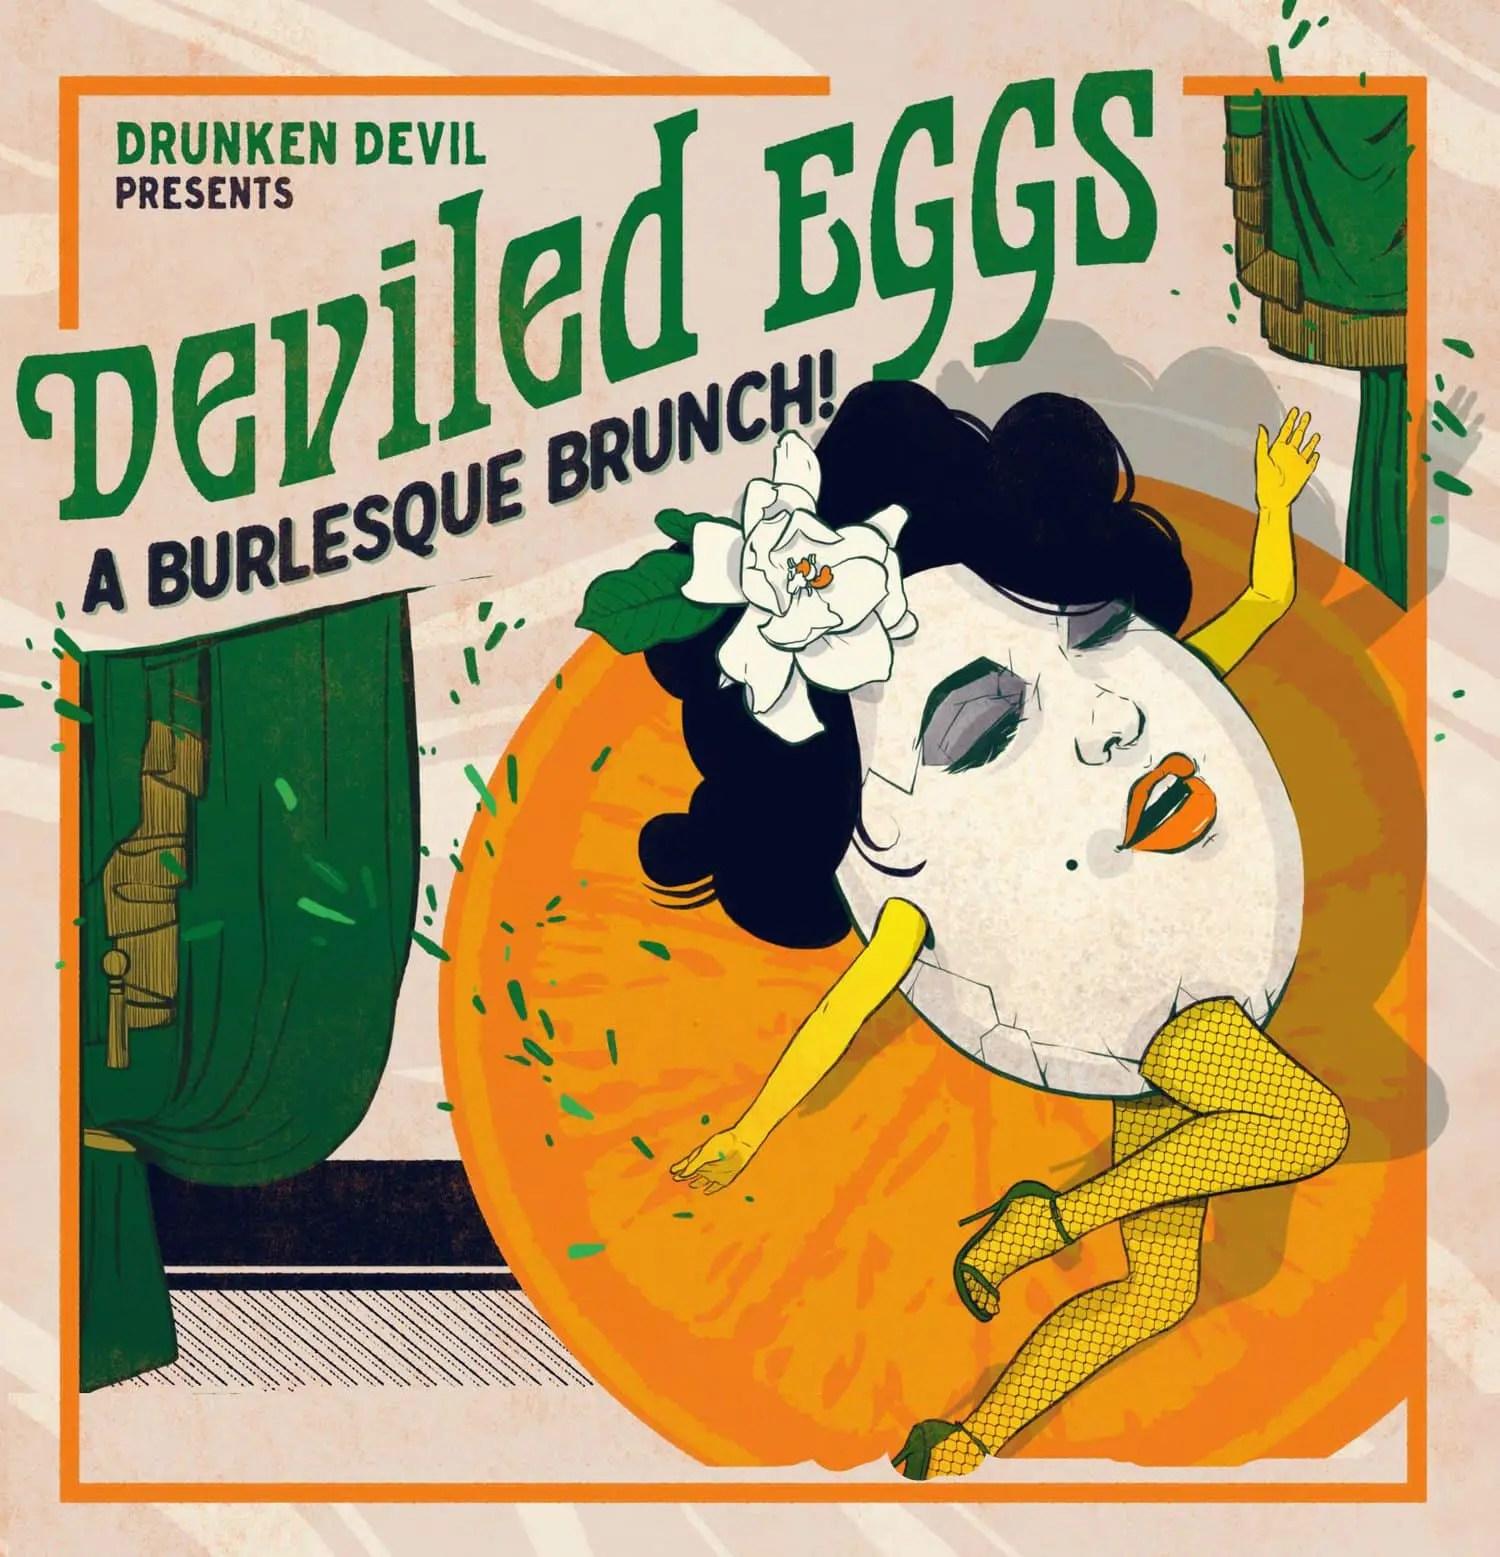 Drunken Devil - Burlesque brunch - Deviled Eggs - Immersive